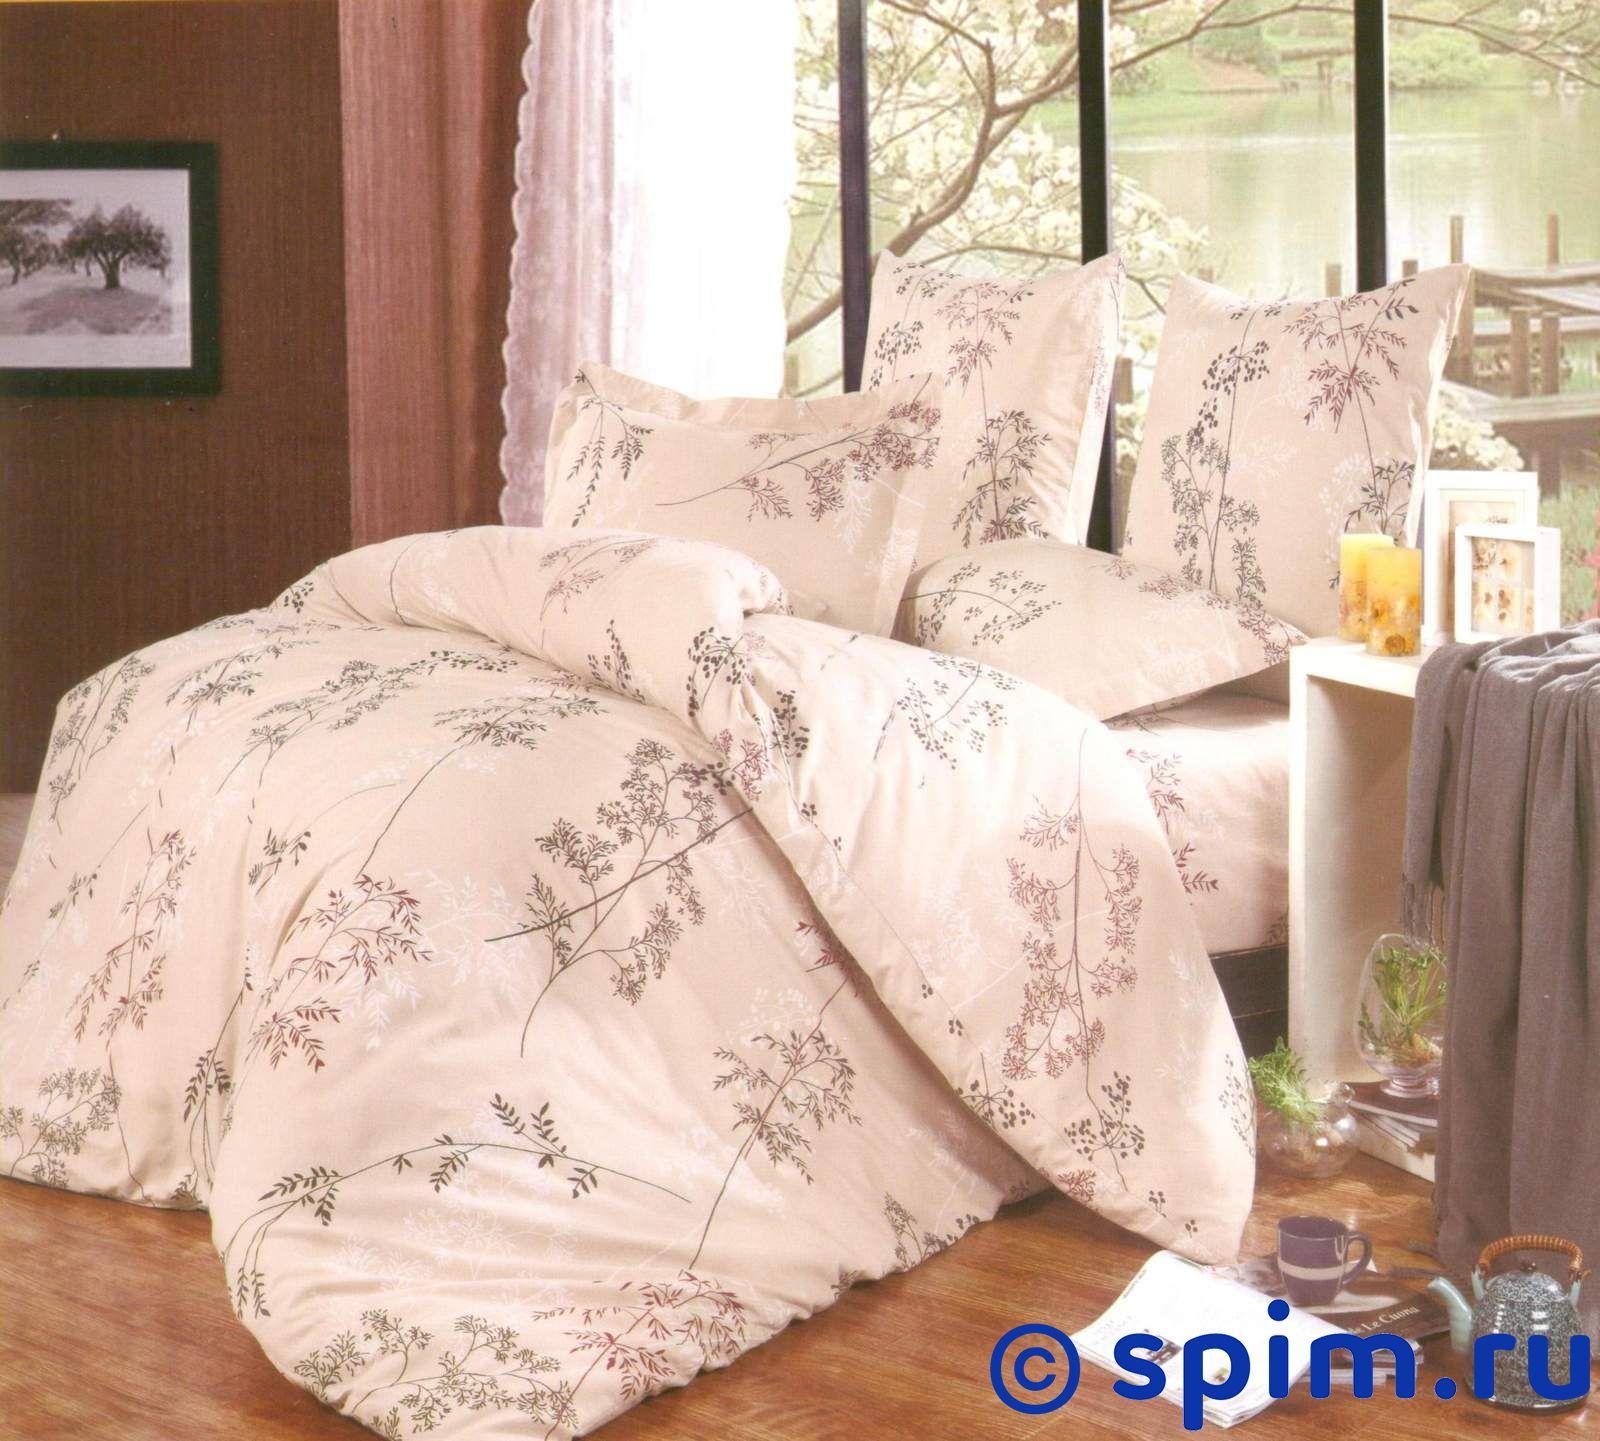 Комплект СайлиД А140 СемейноеПостельное белье СайлиД<br>Материал: 100% хлопок (поплин). Плотность, г/м2: 125. Размер : Семейное<br><br>Размер: Семейное